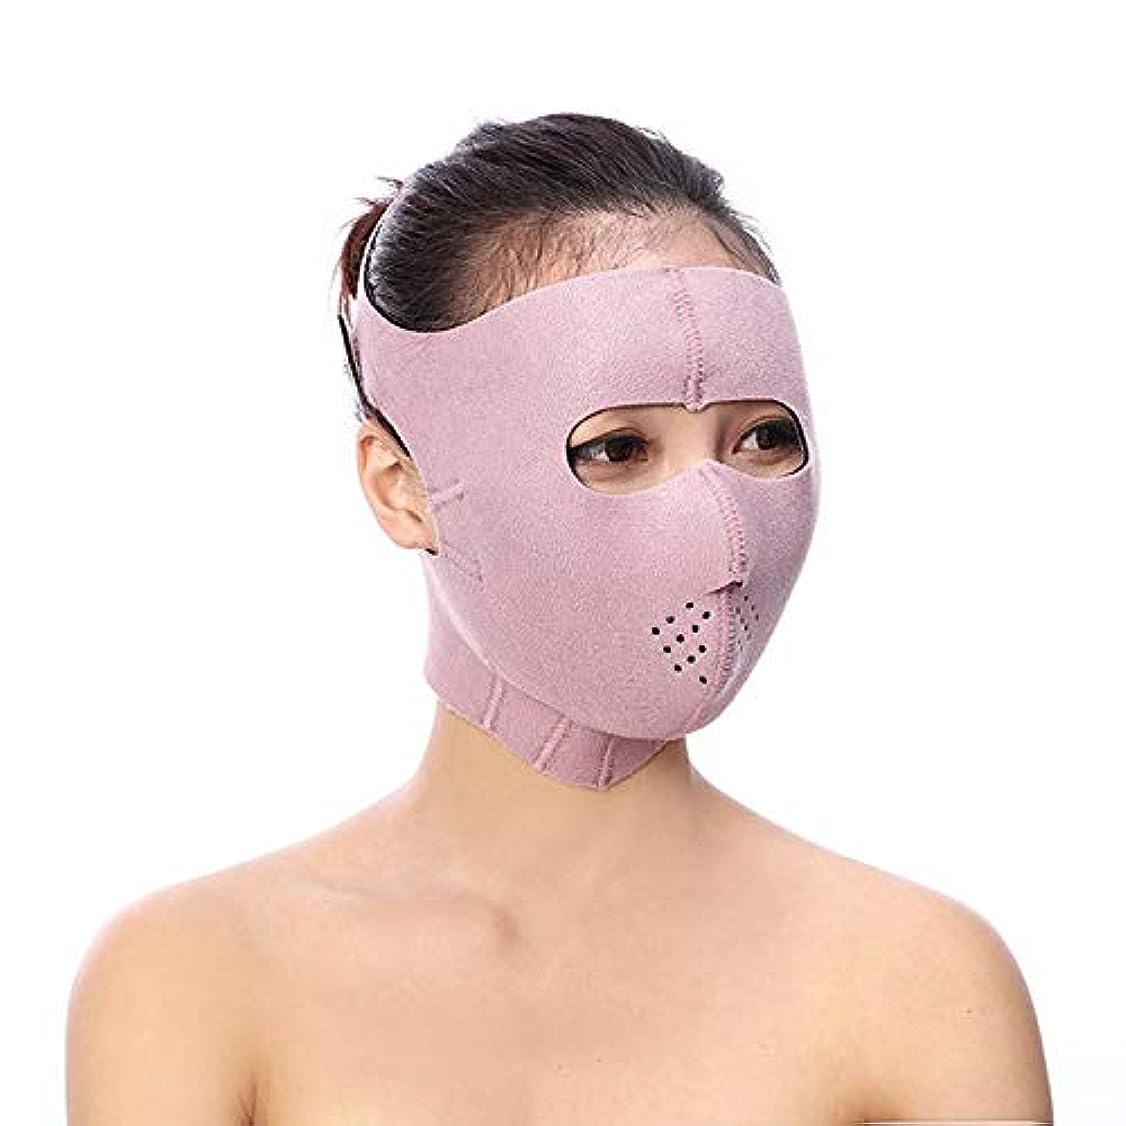 シニス夕暮れ取り出すMinmin フェイシャルリフティング痩身ベルト - Vフェイス包帯マスクフェイシャルマッサージャー無料の薄いフェイス包帯整形マスクを引き締める顔と首の顔スリム みんみんVラインフェイスマスク